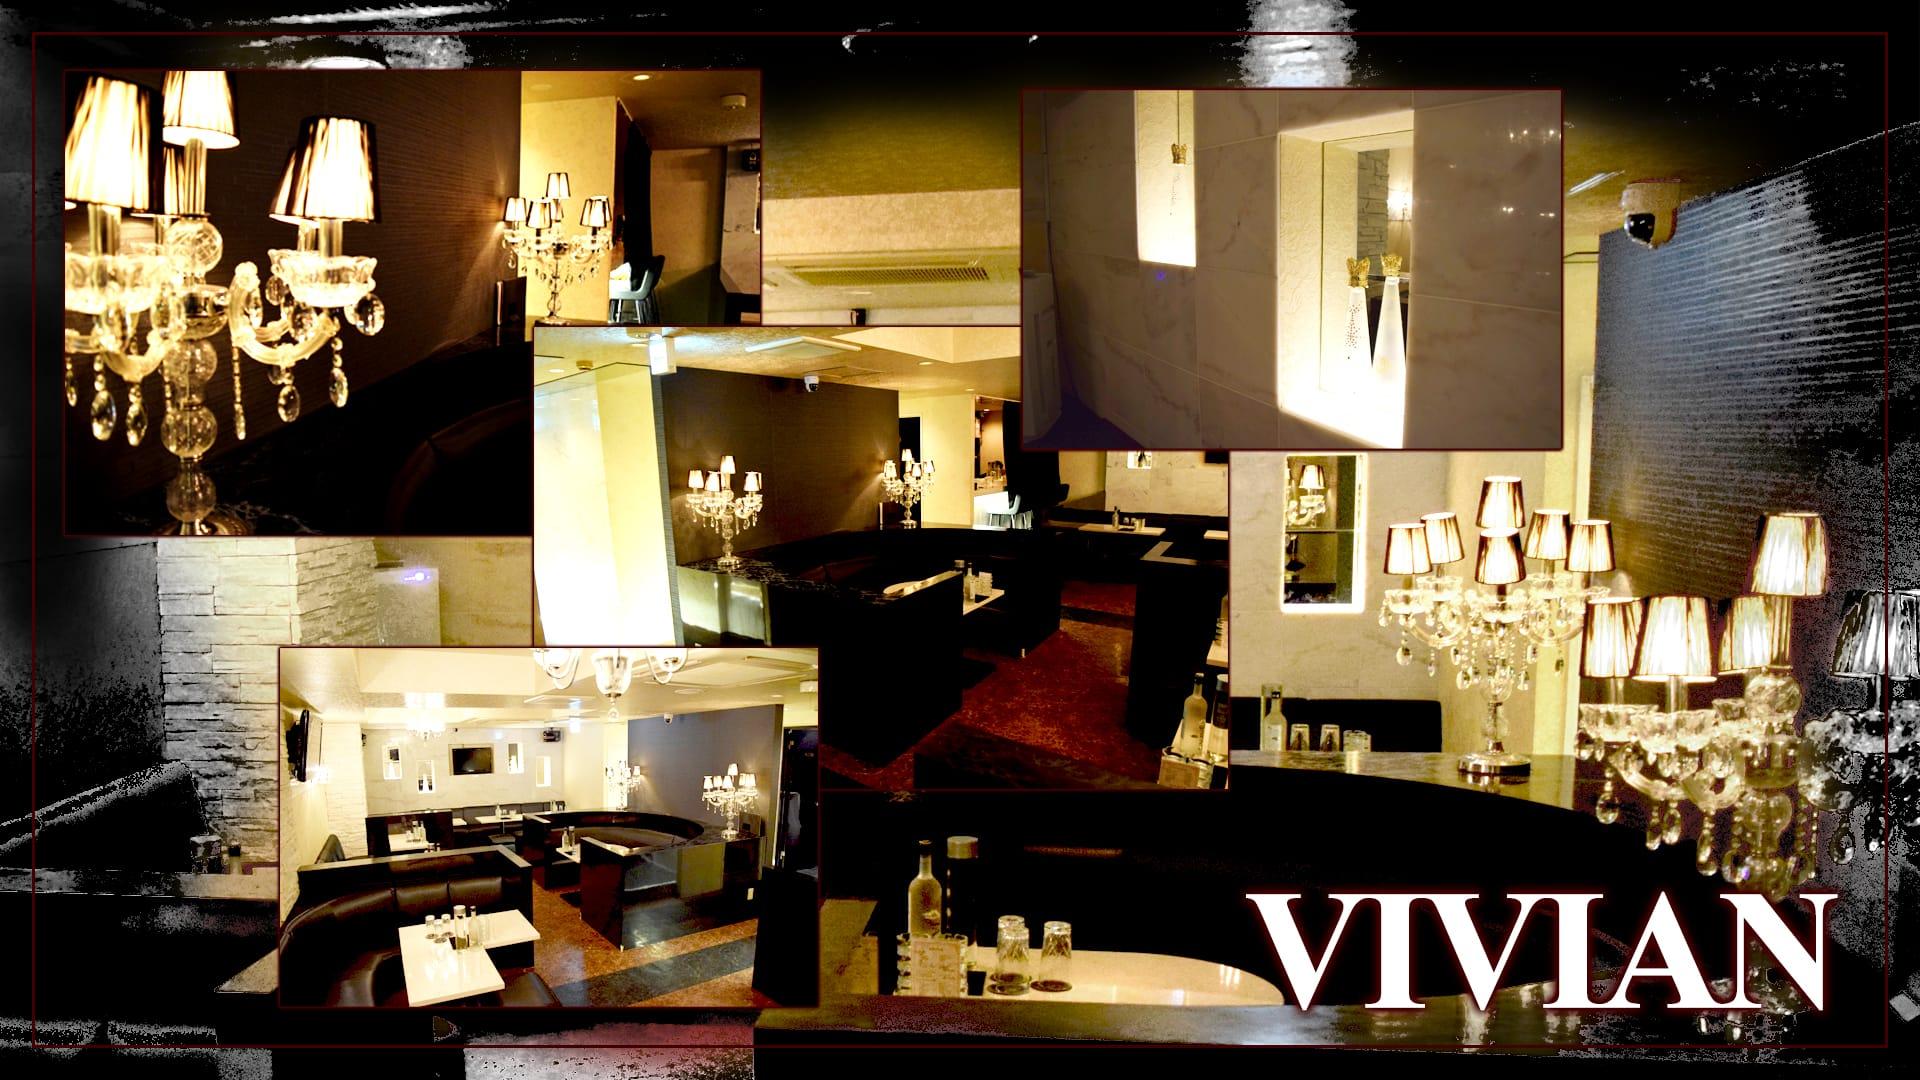 VIVIAN[ビビアン] 関内 キャバクラ TOP画像